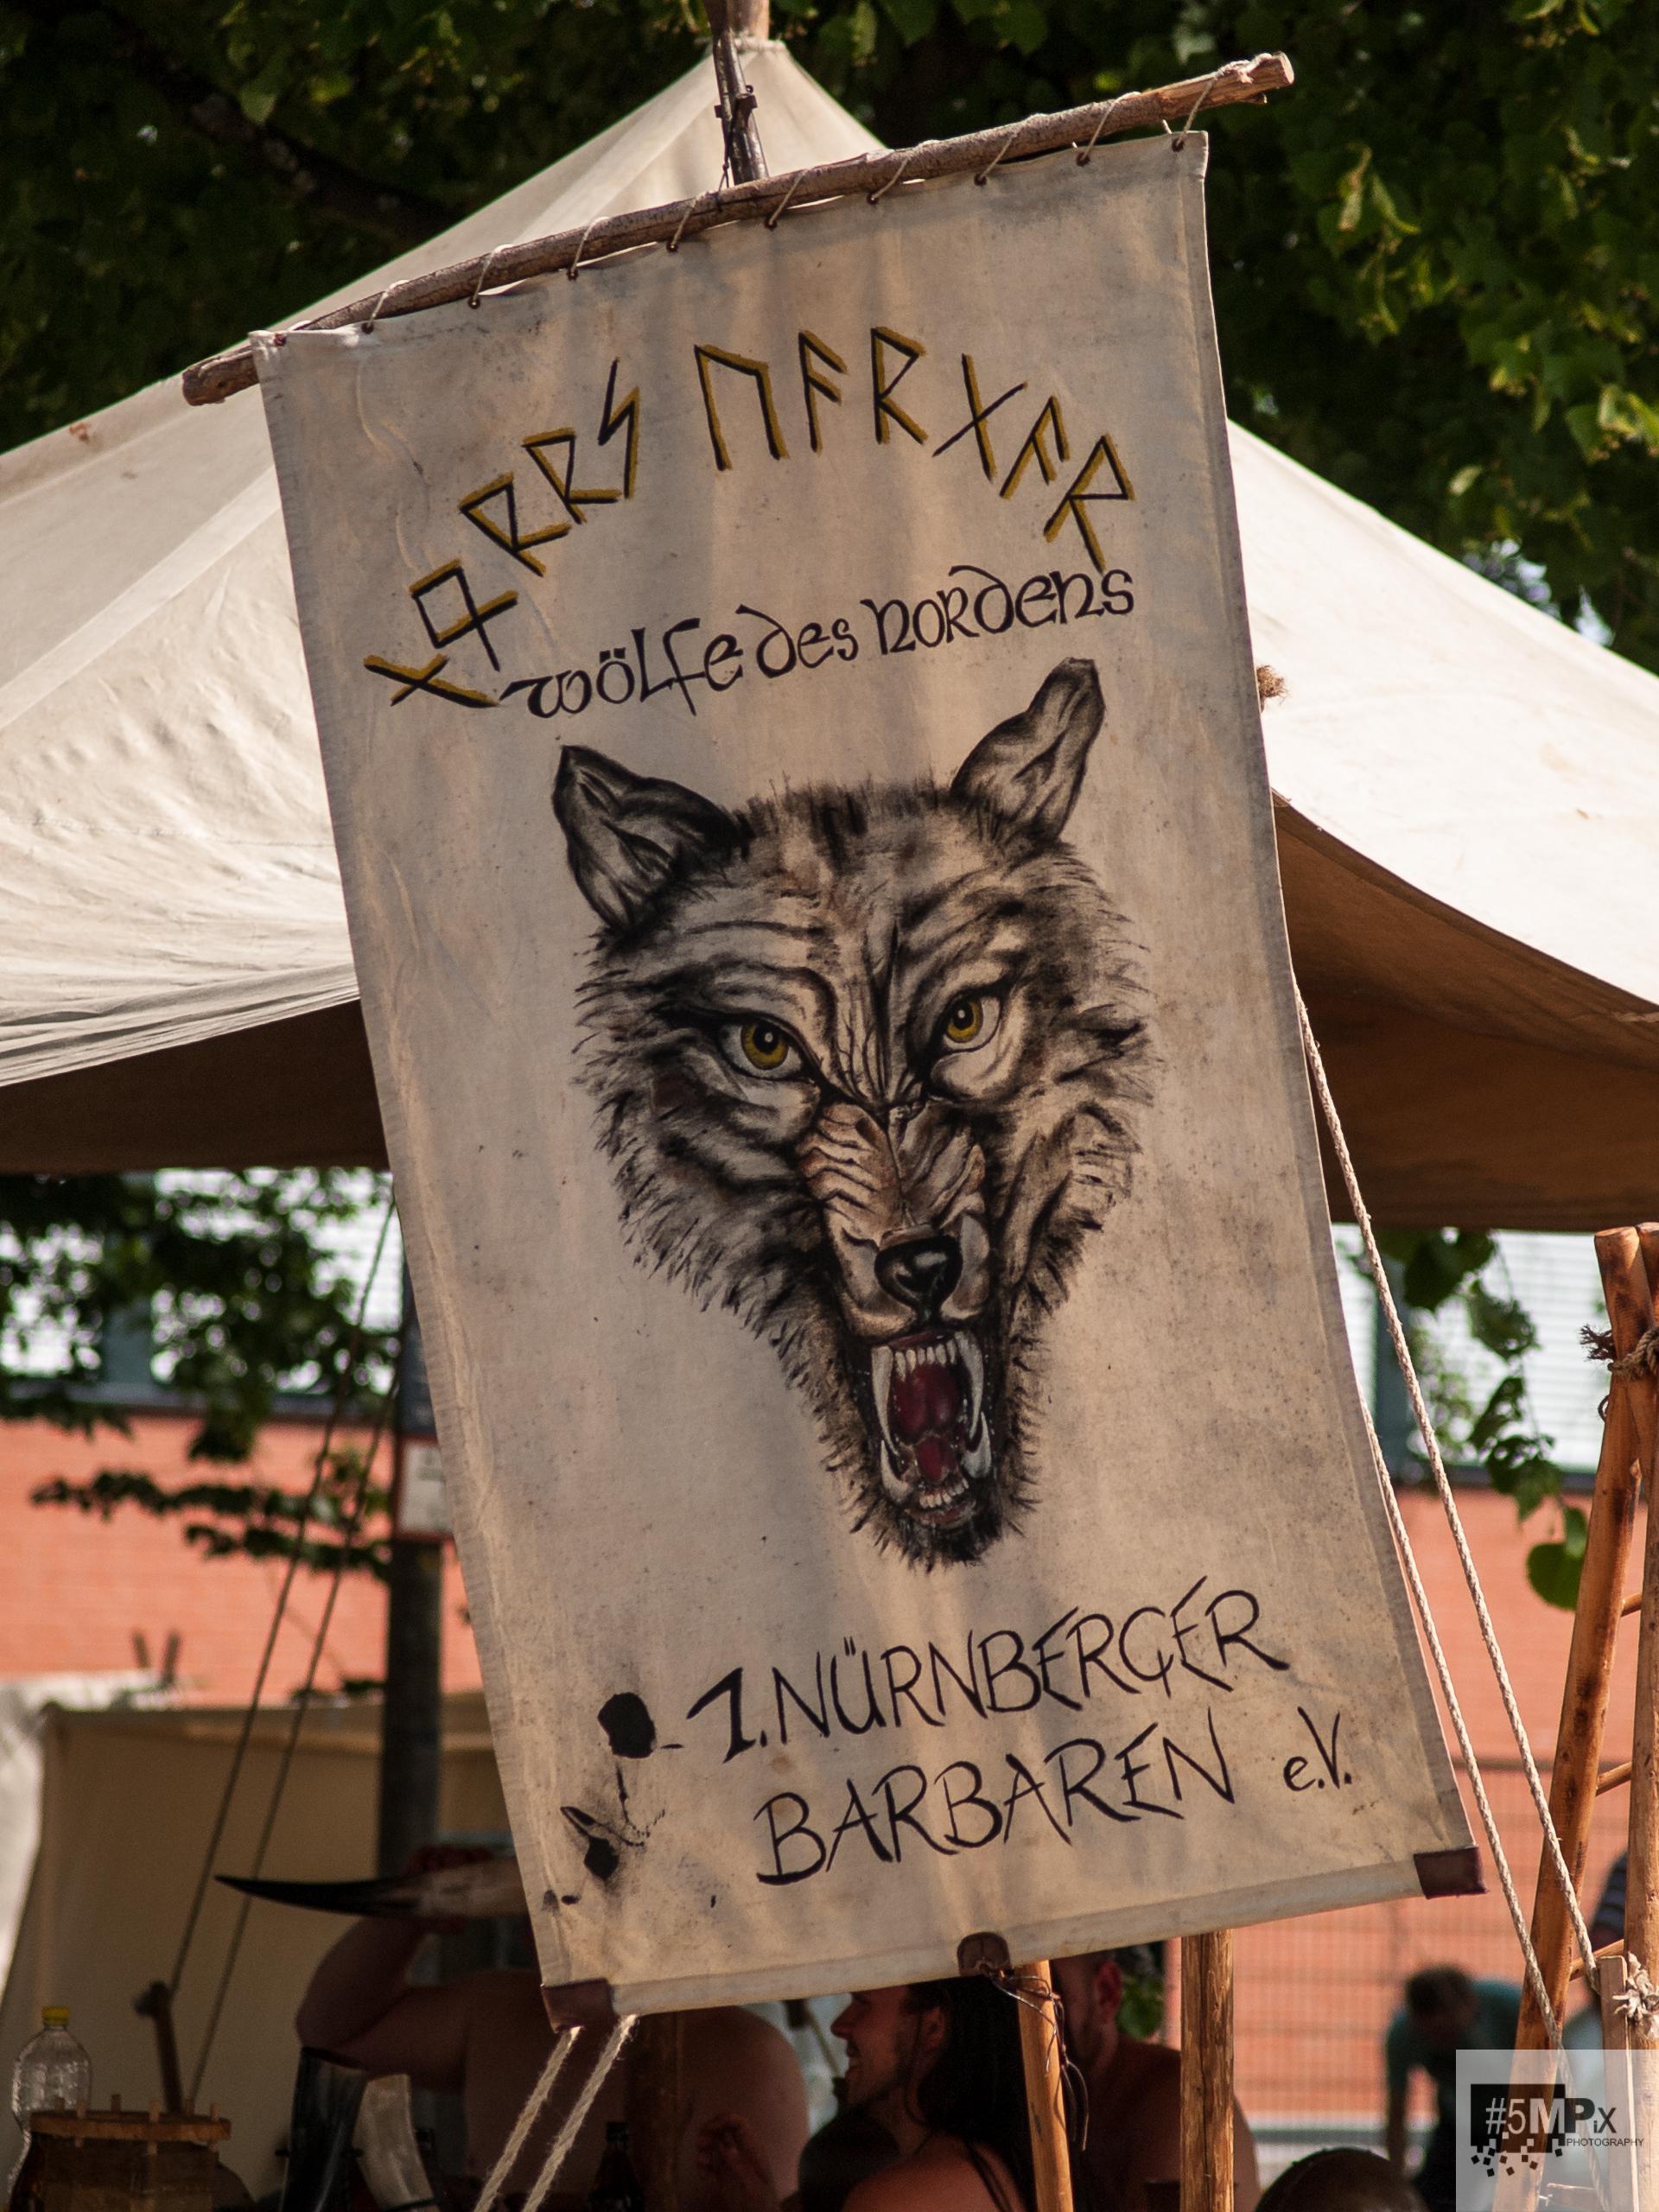 Banner der Barbaren